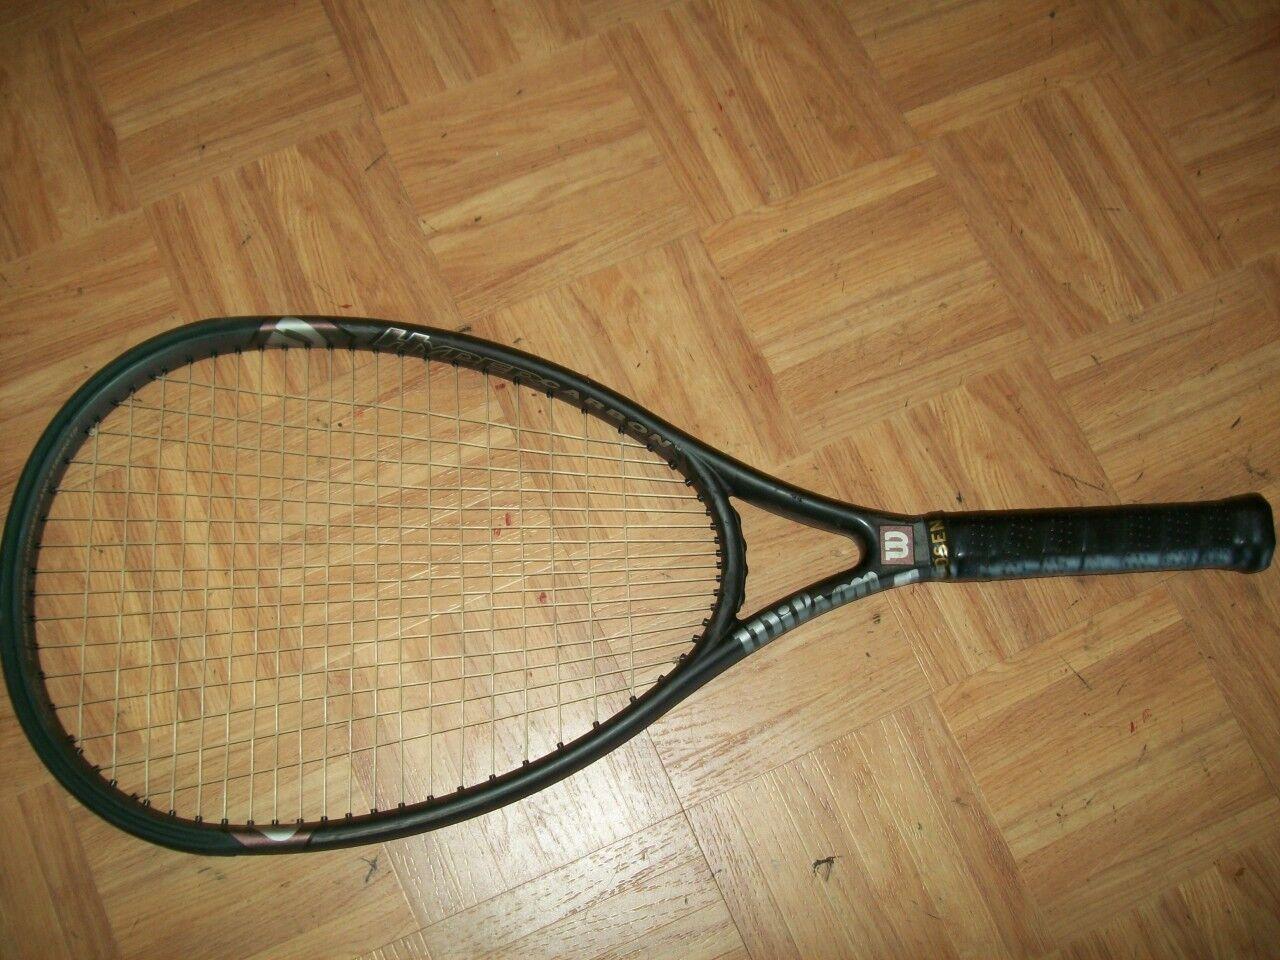 Martillo 2.0 Wilson Hyper Trineo cabeza de gran tamaño 125 4 3 8 tenis raqueta